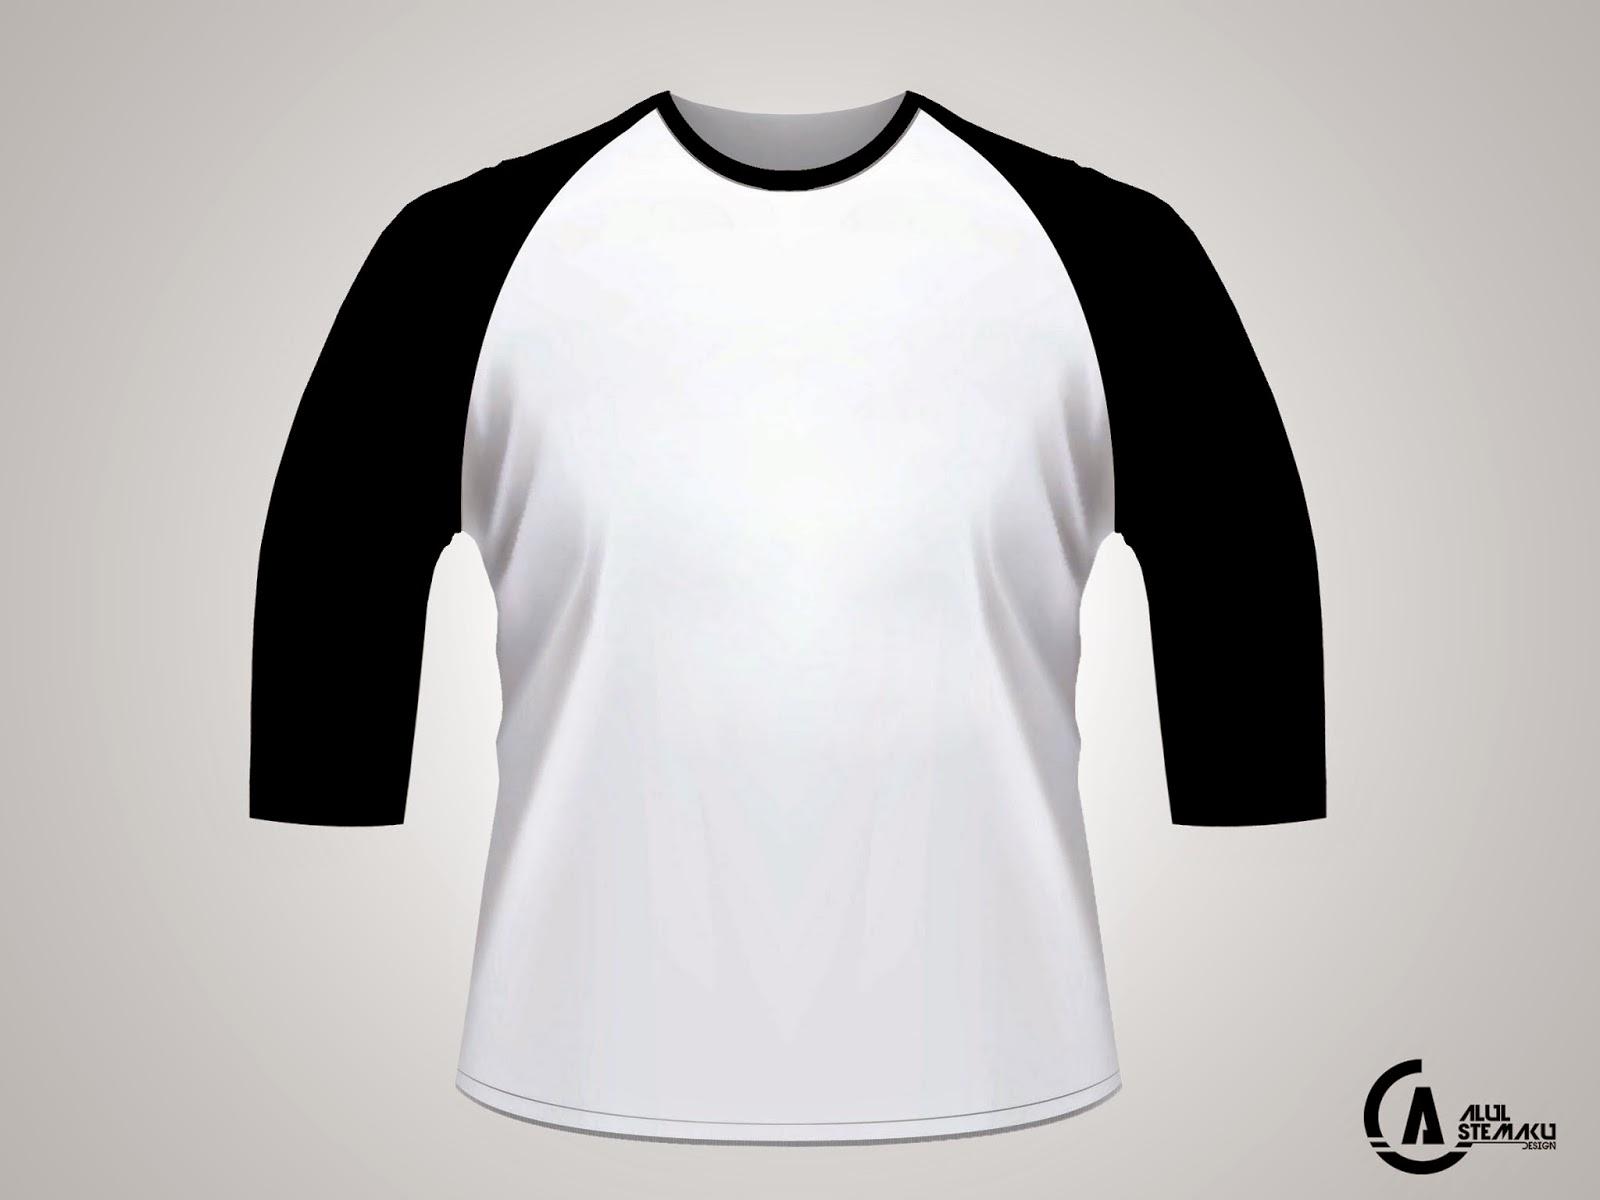 Download Gambar Desain Kaos Lengan 3 4 PSD Alul Stemaku